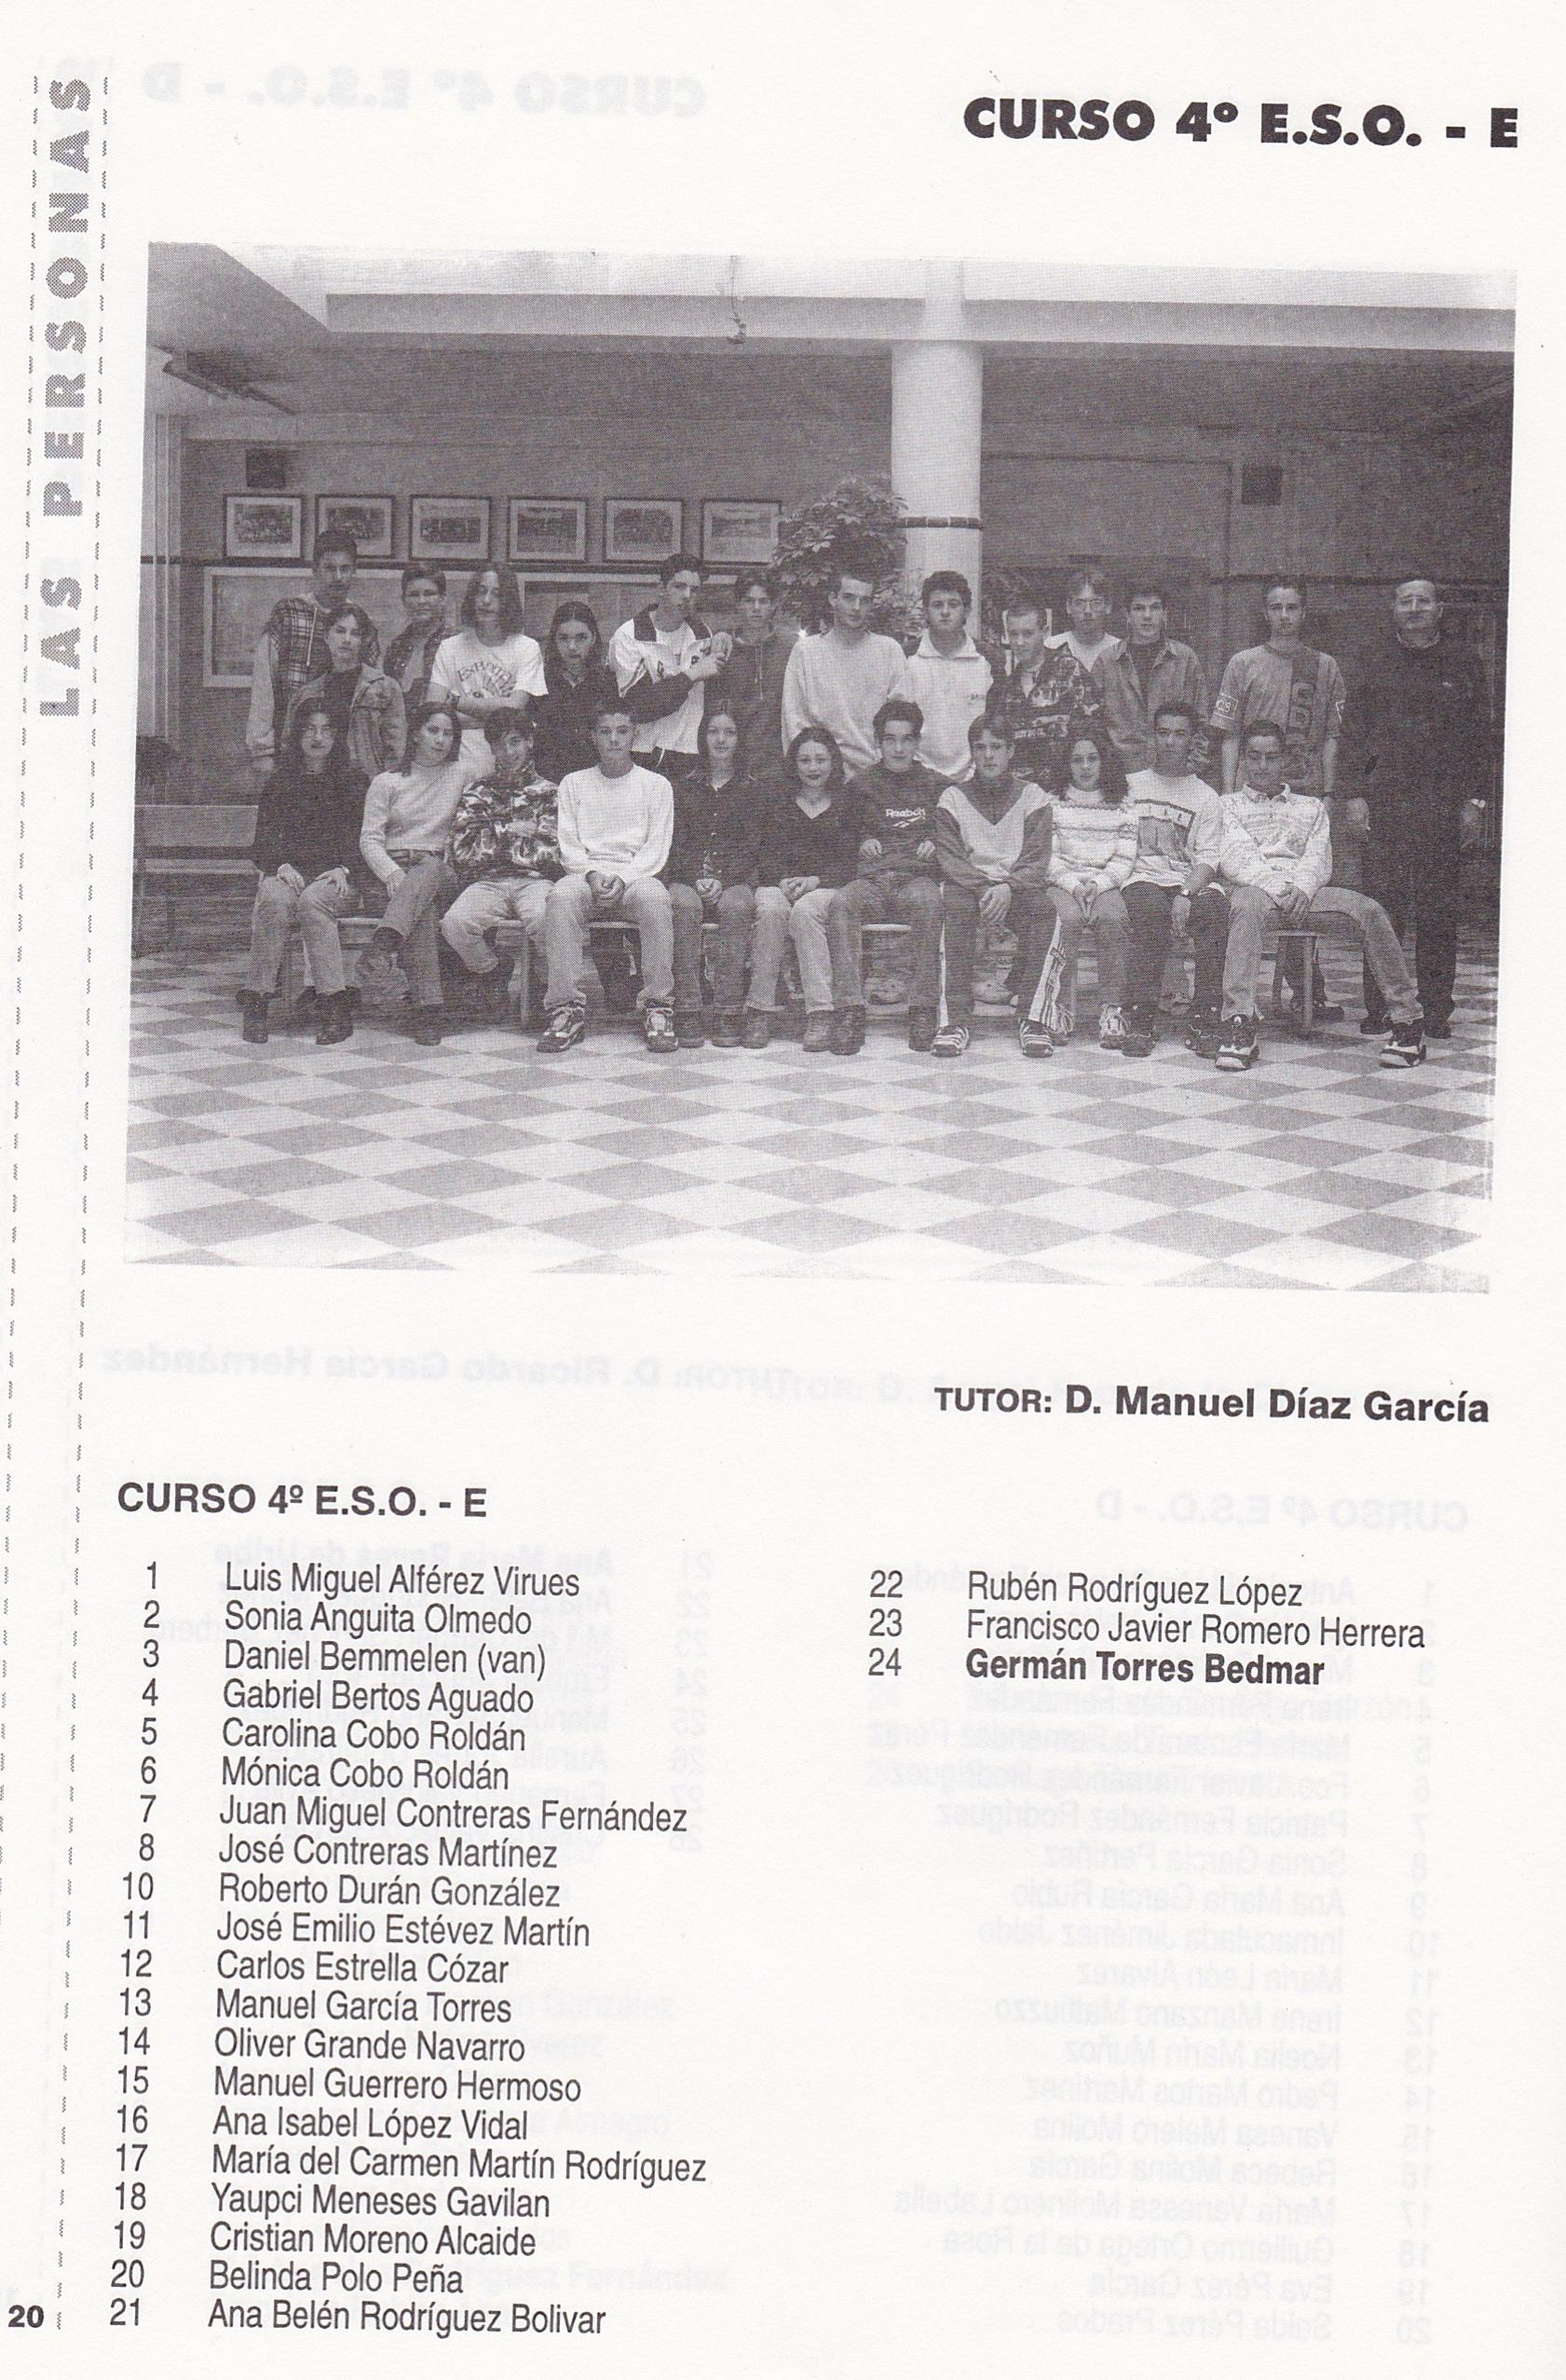 4ºESO E (curso 1996-1997)